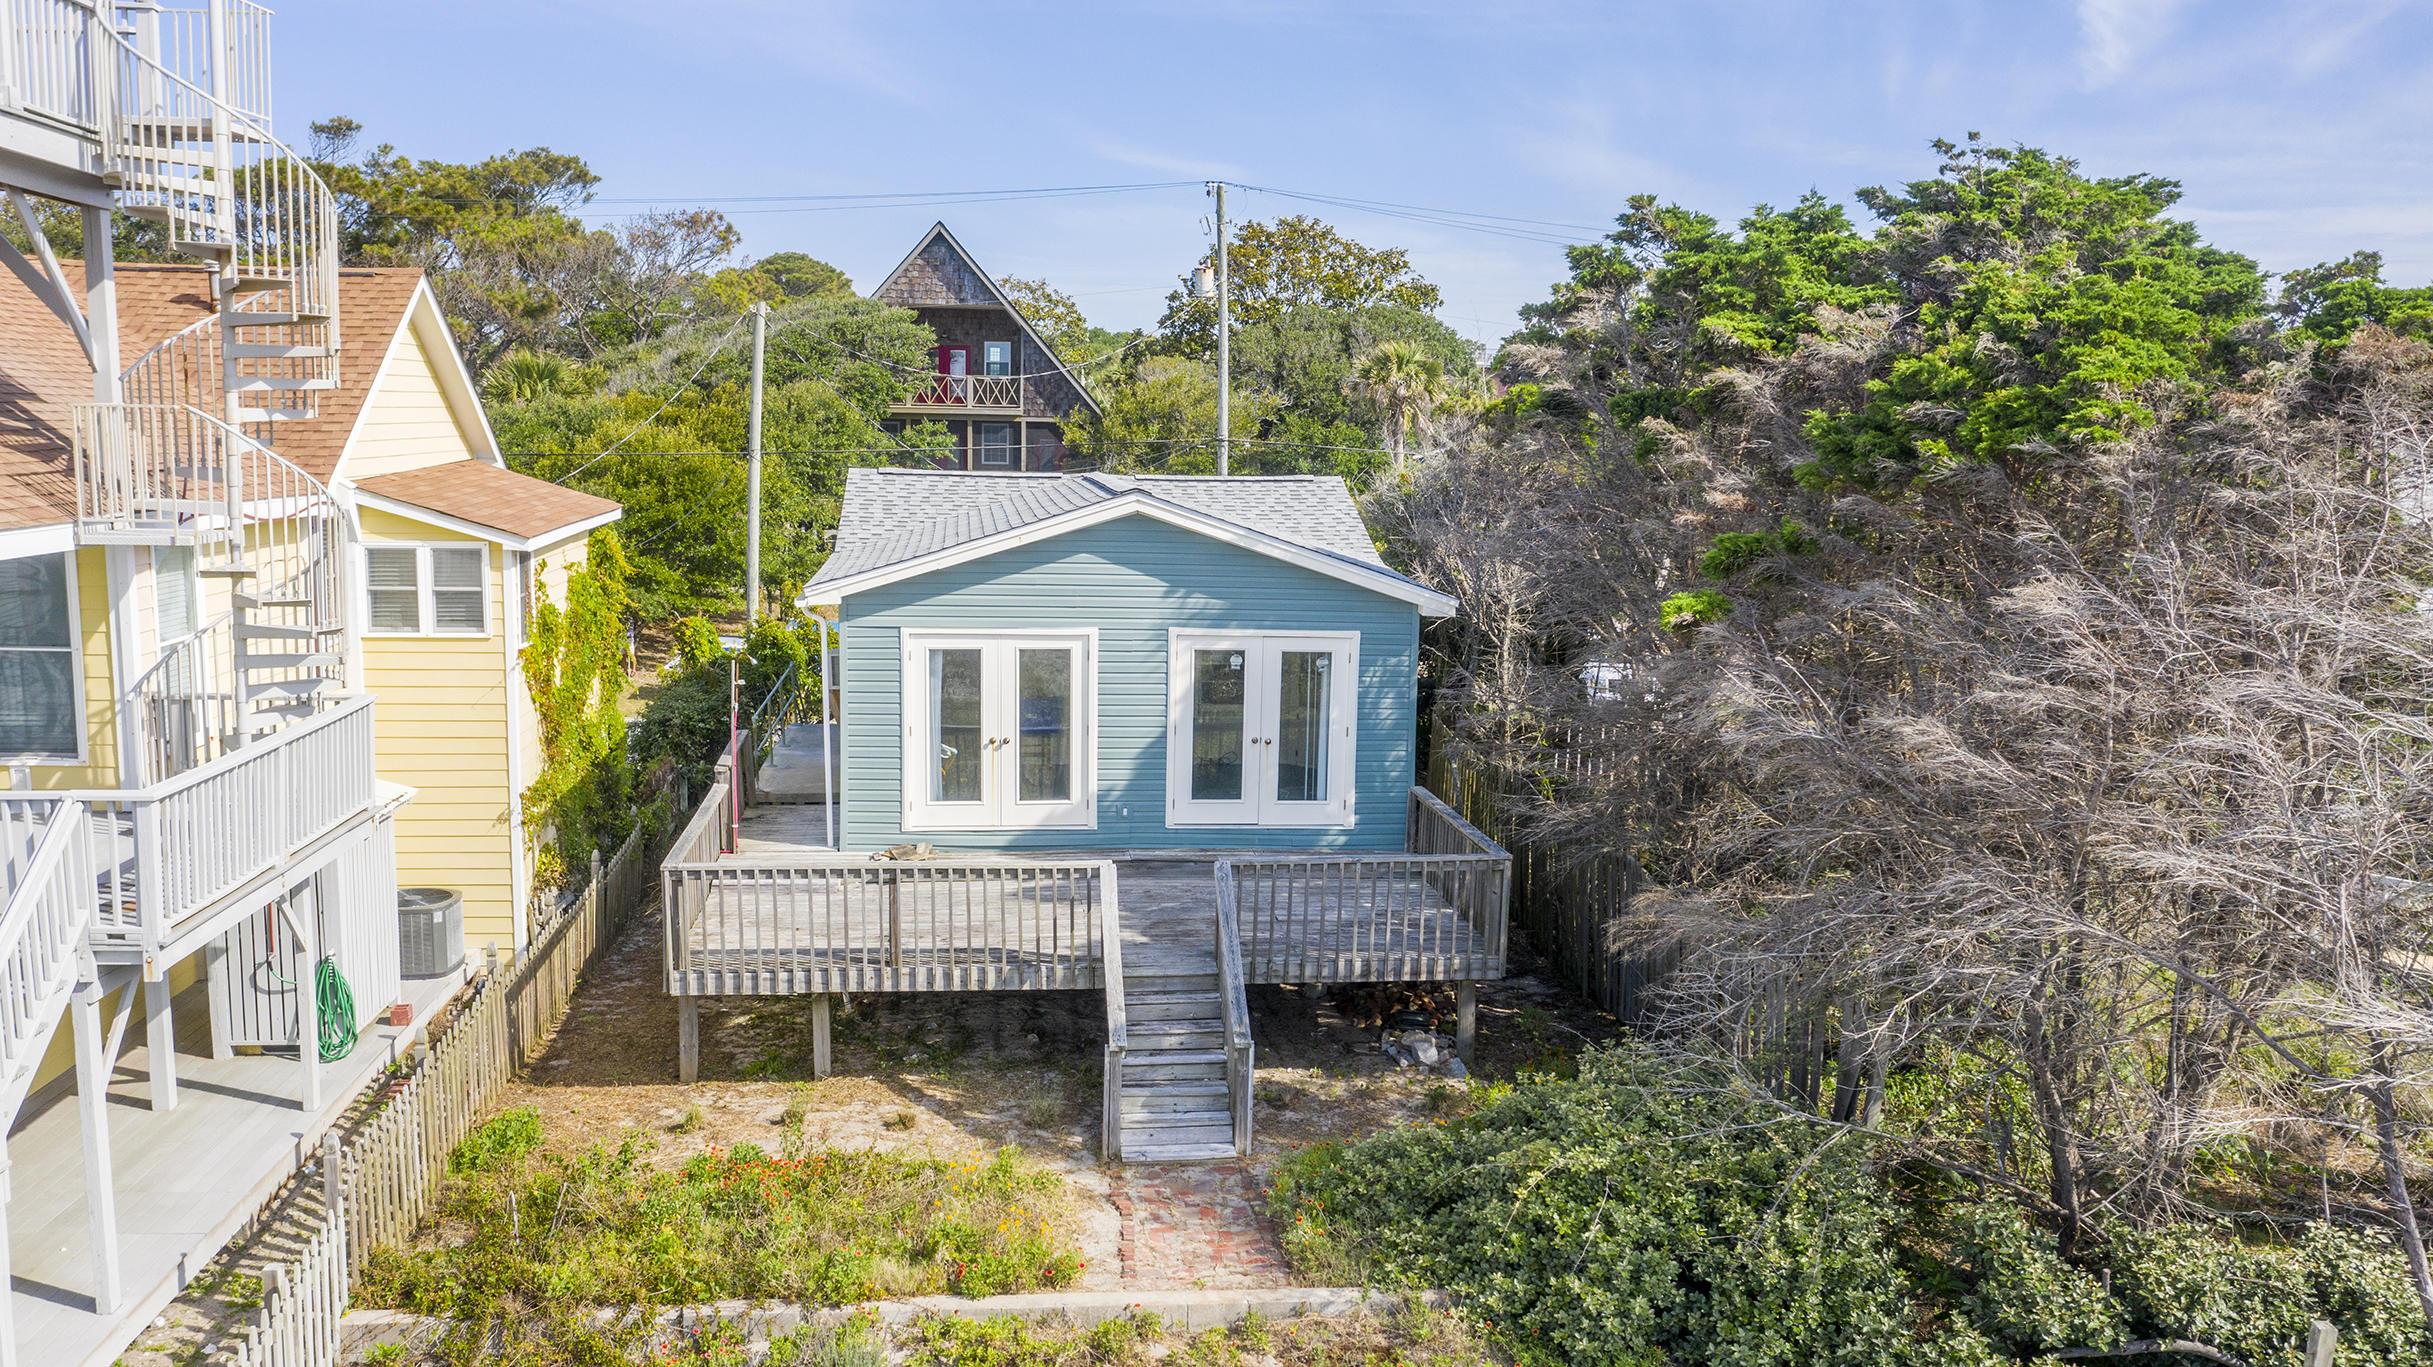 Folly Beach Homes For Sale - 1115 Arctic, Folly Beach, SC - 15